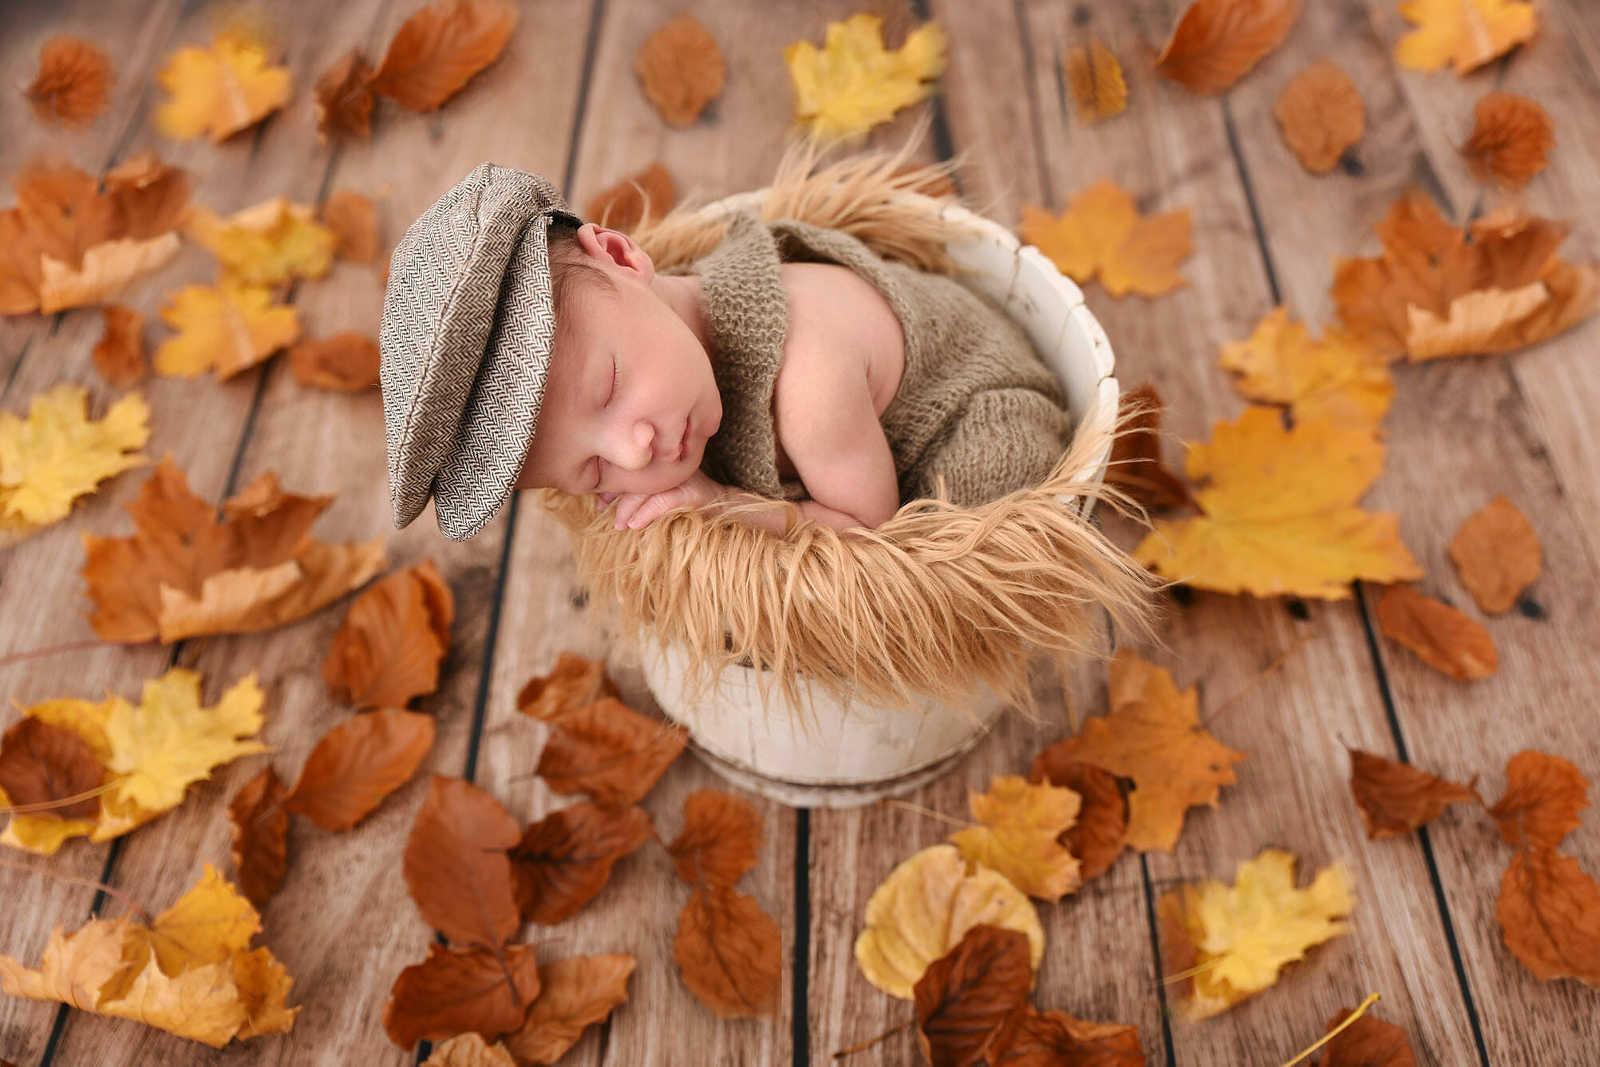 Nouveau-né dormant dans un sceau